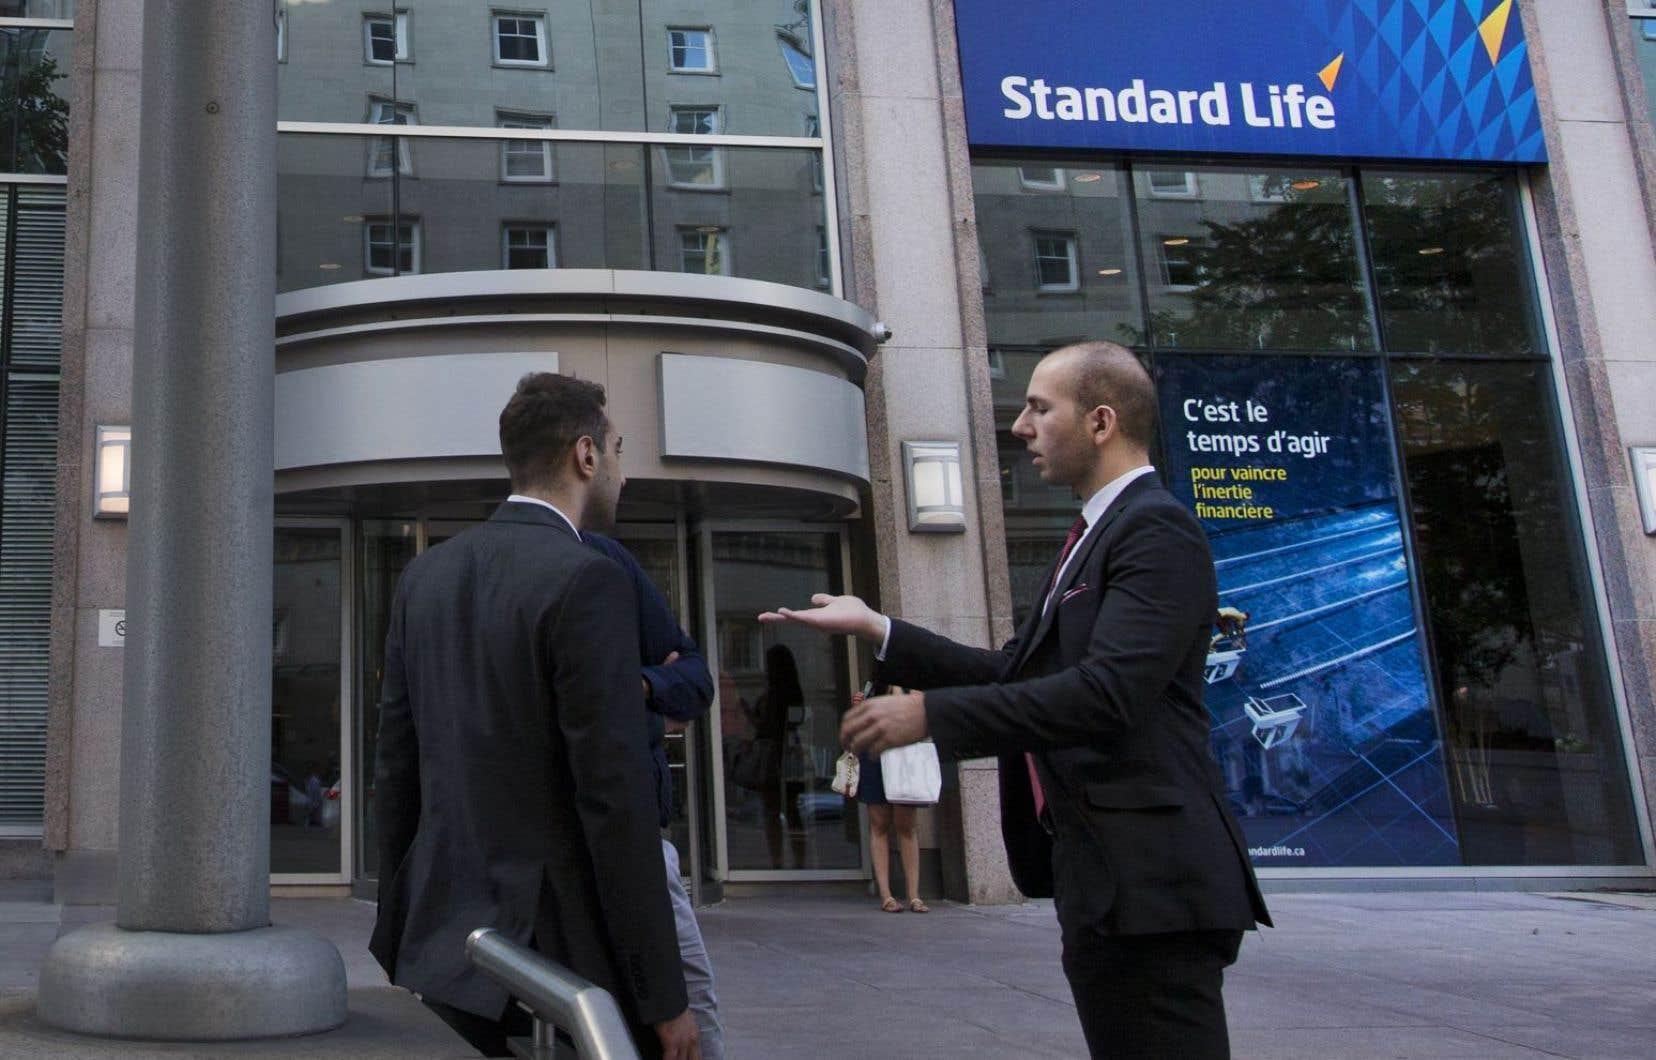 Manuvie a acquis les actifs canadiens de la Standard Life.